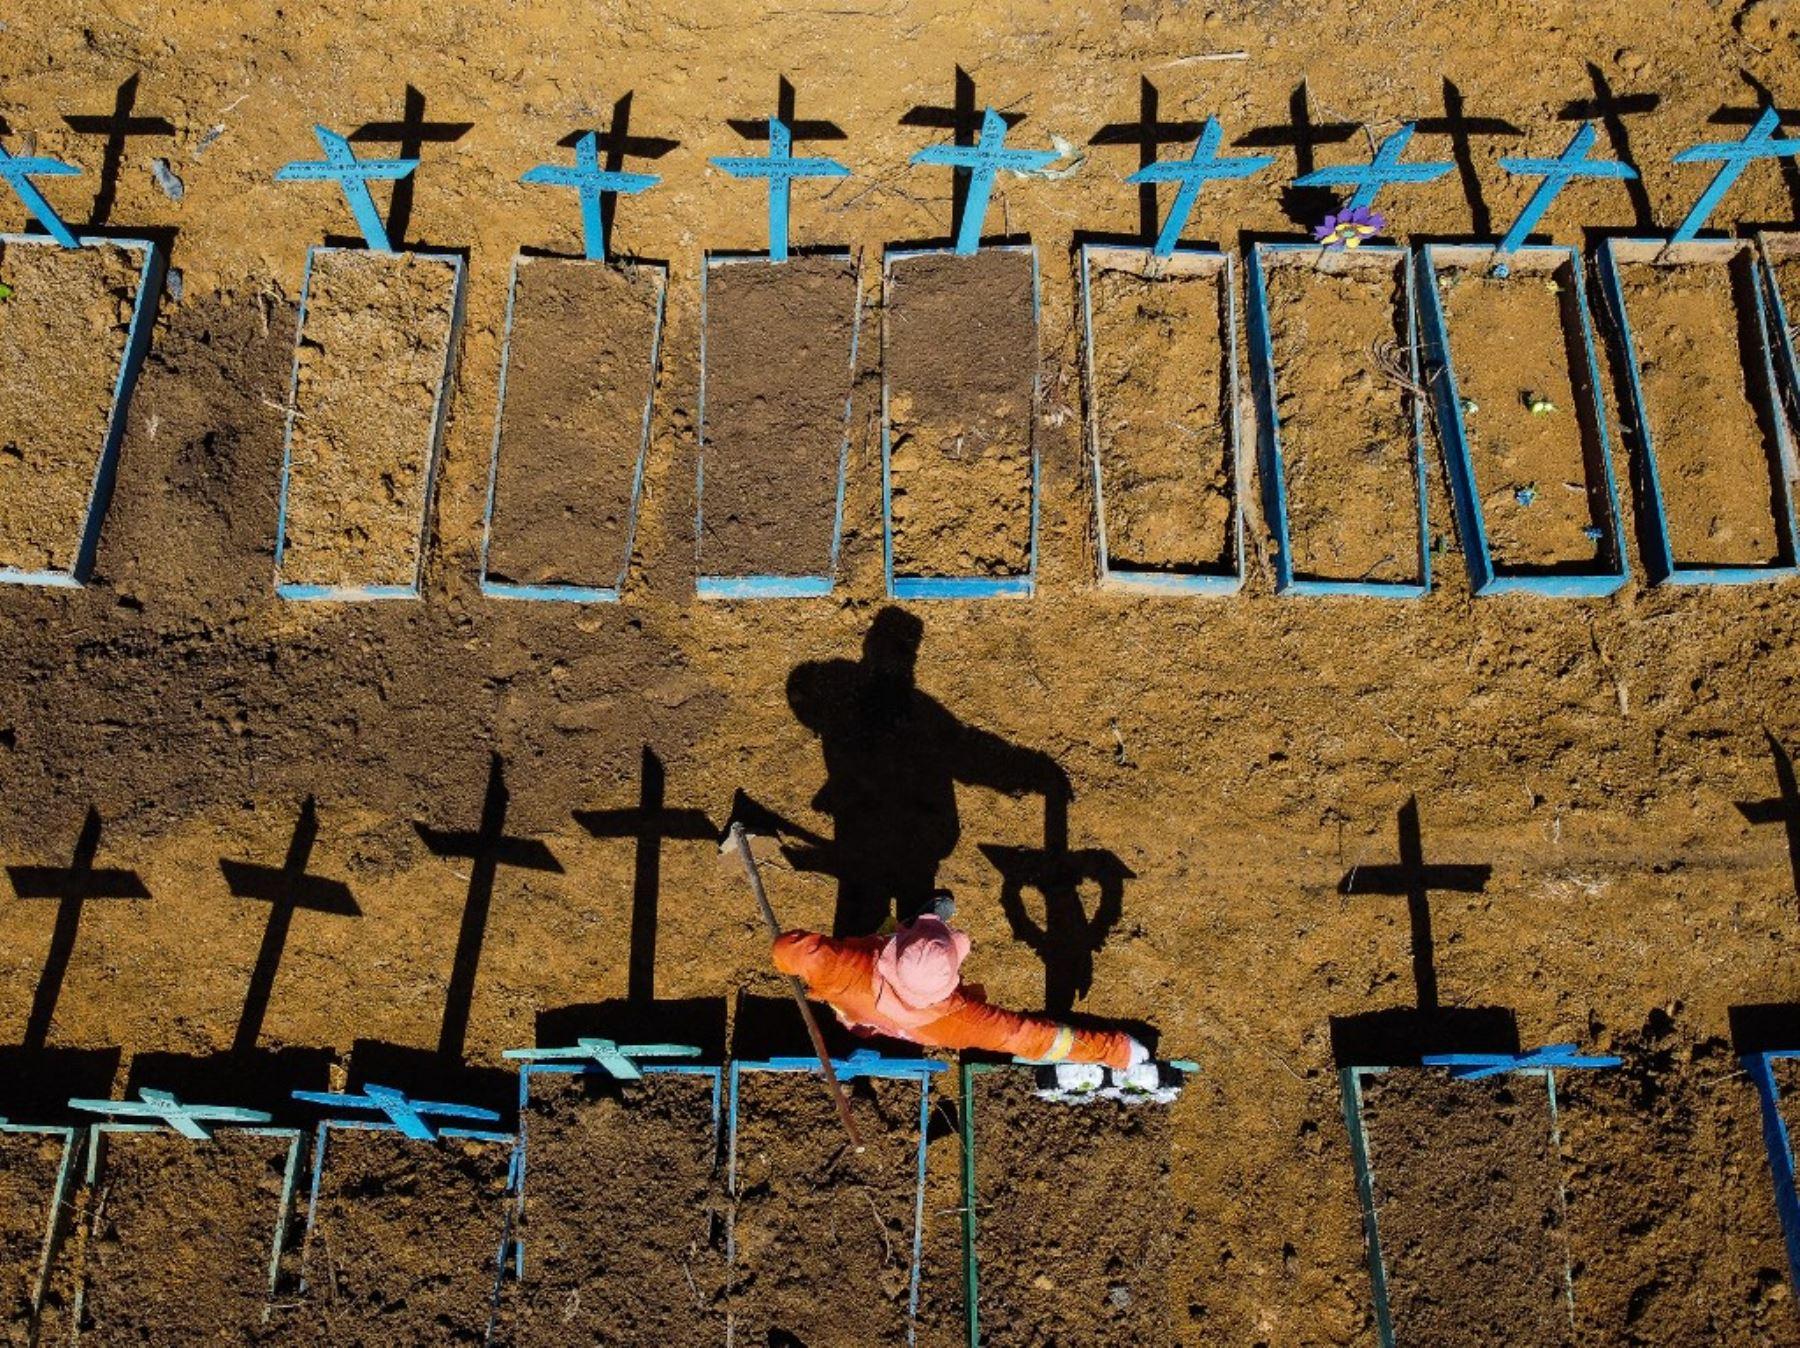 Vista aérea que muestra a un sepulturero parado en el cementerio Nossa Senhora Aparecida donde las víctimas de COVID-19 son enterradas a diario, en el barrio de Taruma, en Manaus, Brasil. Foto: AFP